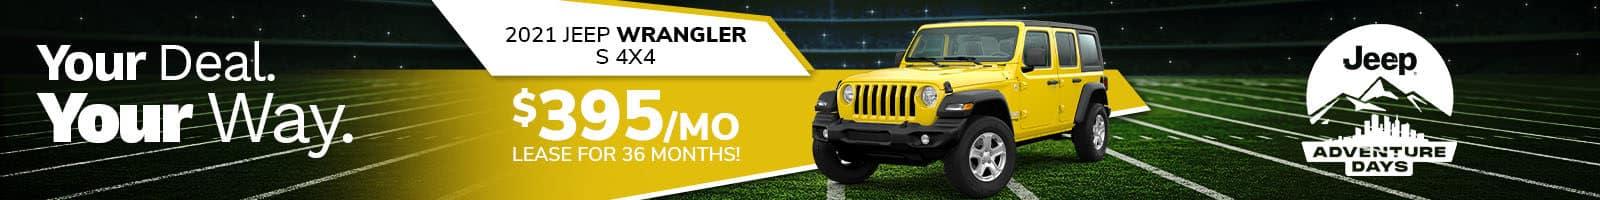 Best 2021 Jeep Wrangler lease deal near Plainfield IN